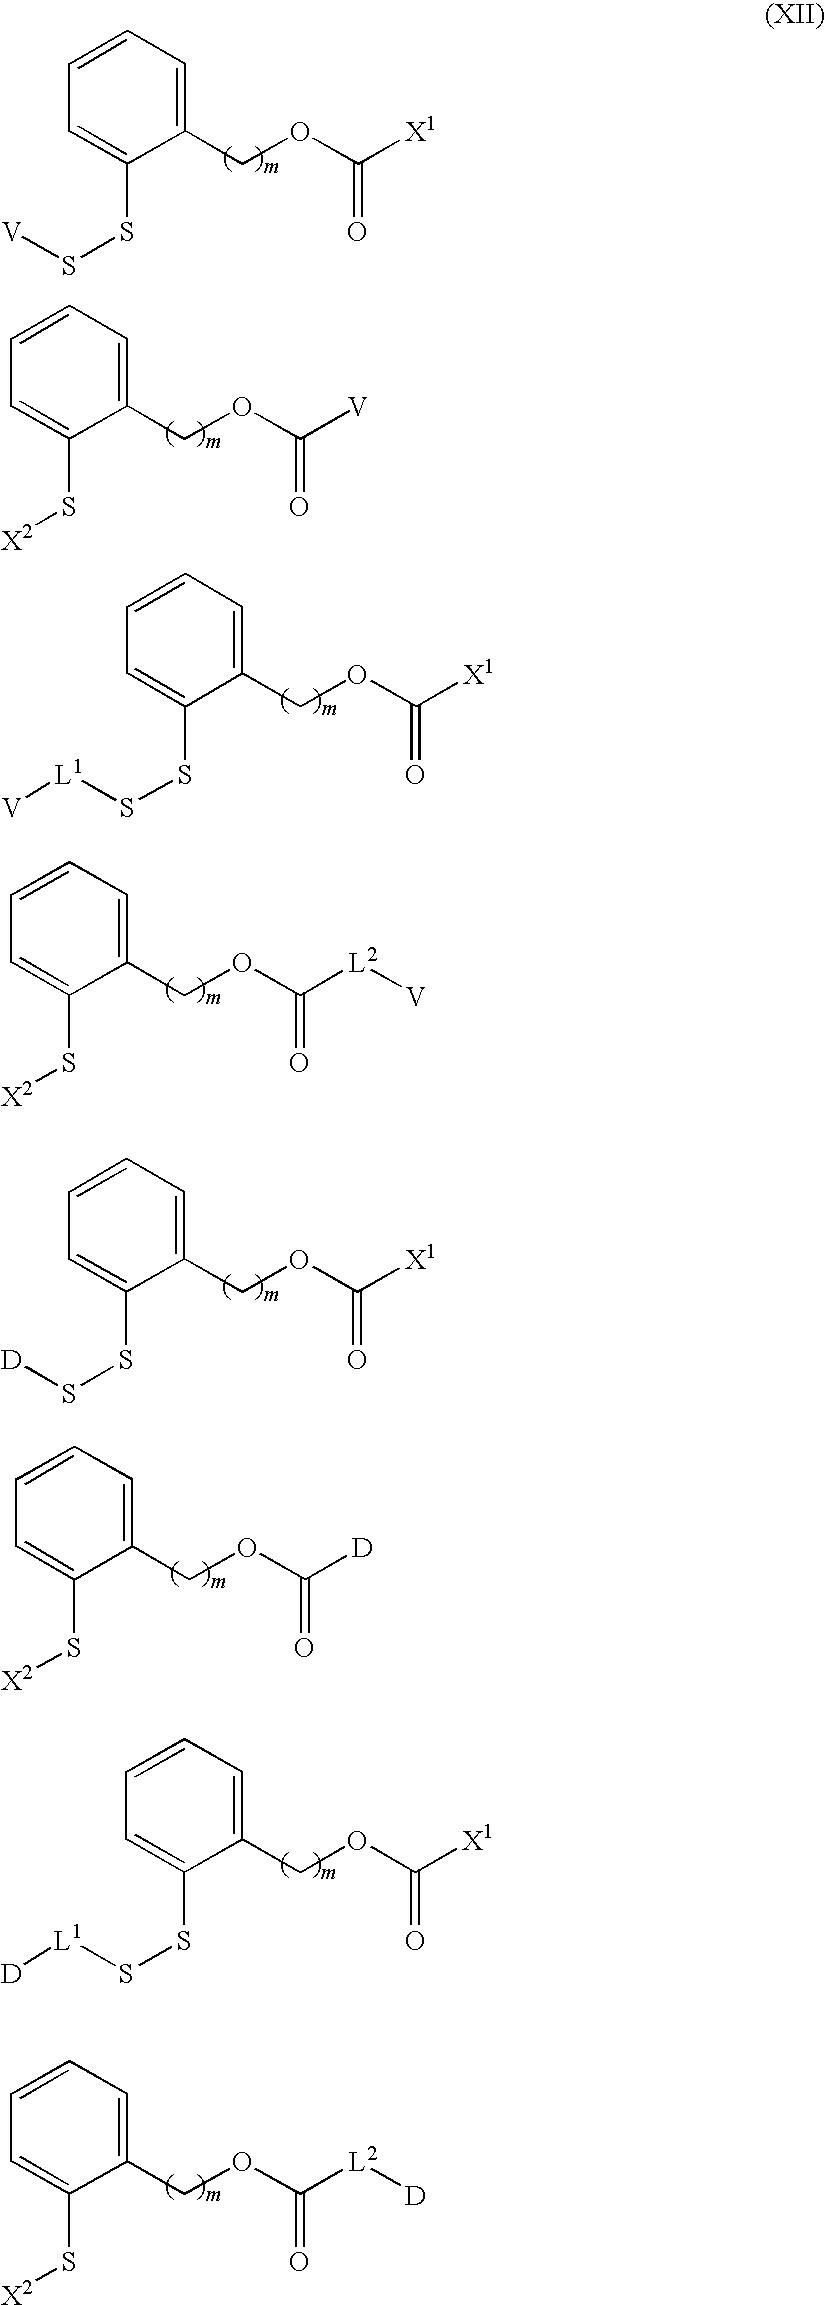 Figure US08288557-20121016-C00017